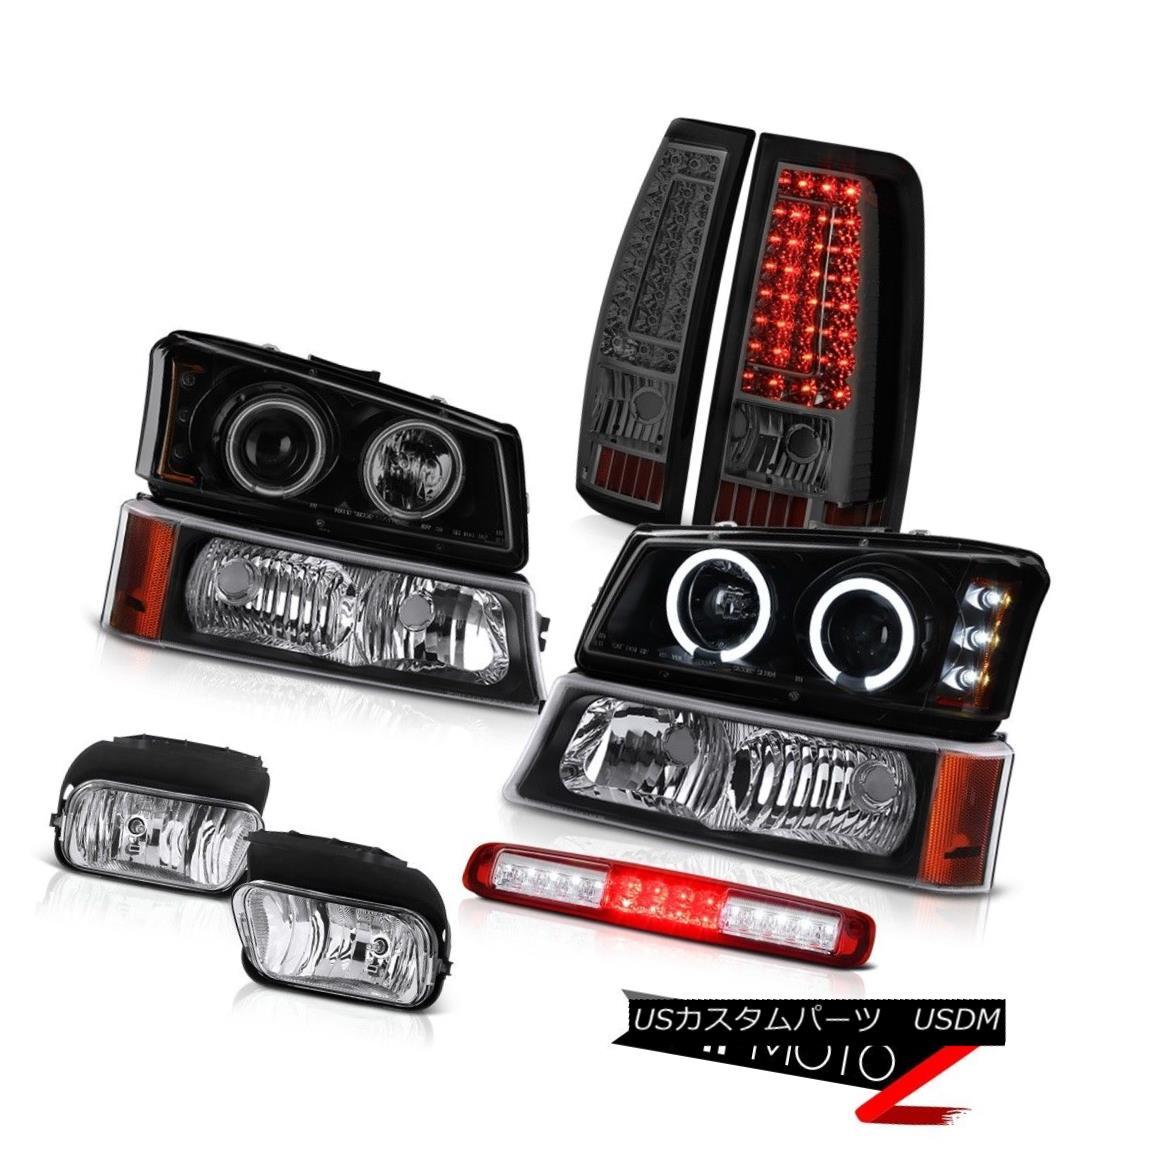 テールライト 03-06 Silverado 1500 High Stop Lamp Fog Lights Tail Black Parking Headlamps SMD 03-06 Silverado 1500ハイストップランプフォグライトテールブラックパーキングヘッドランプSMD